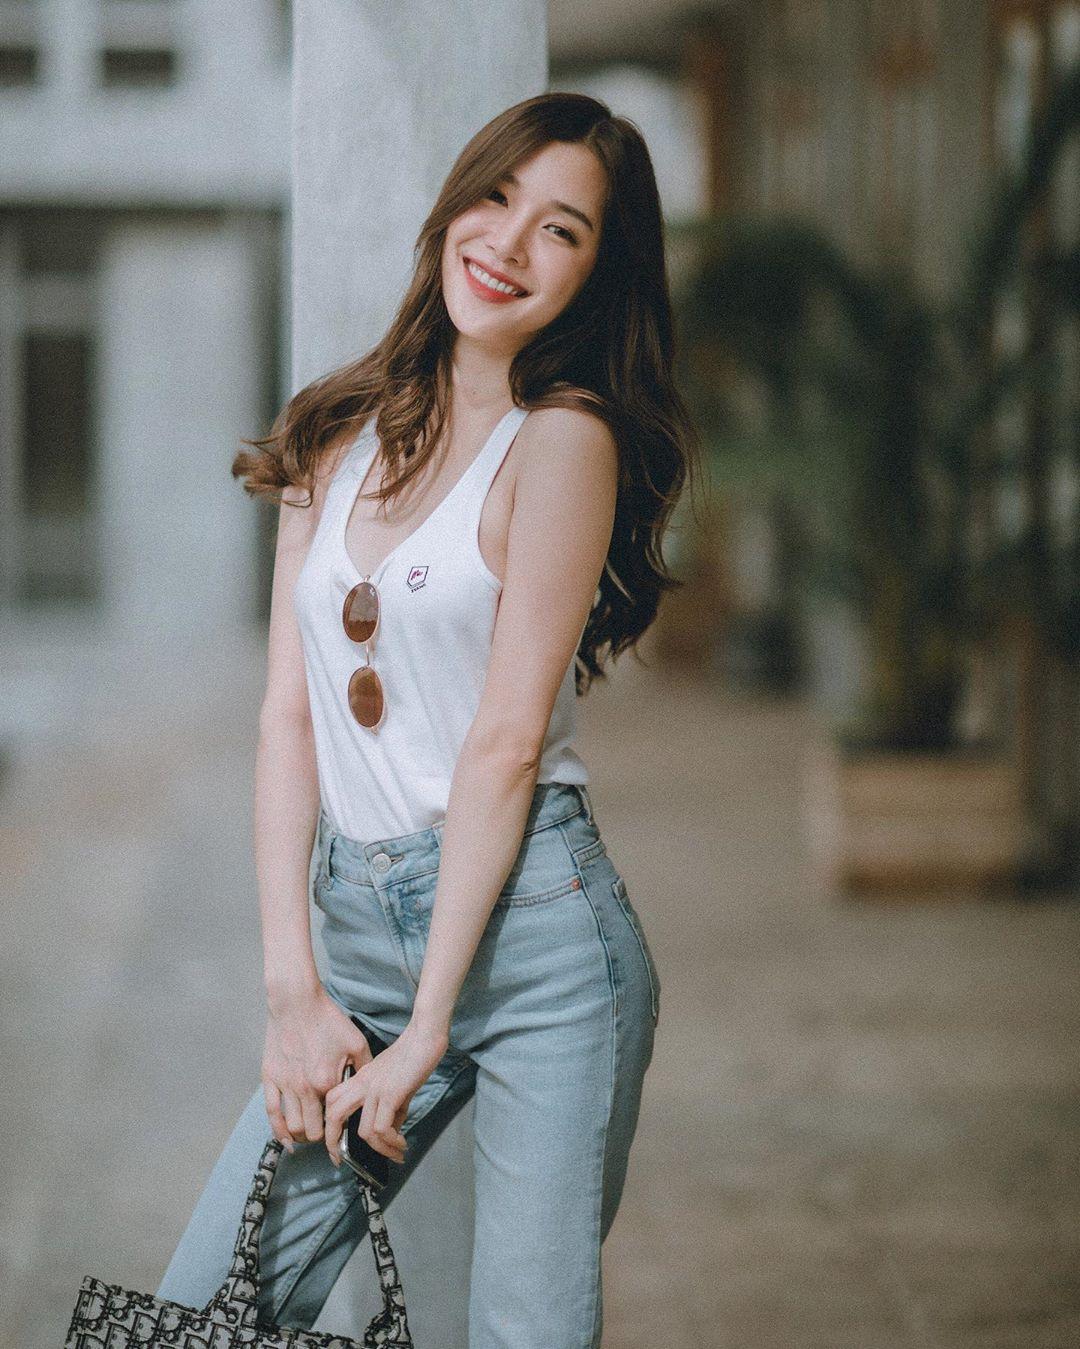 áo tank top trắng quần jeans